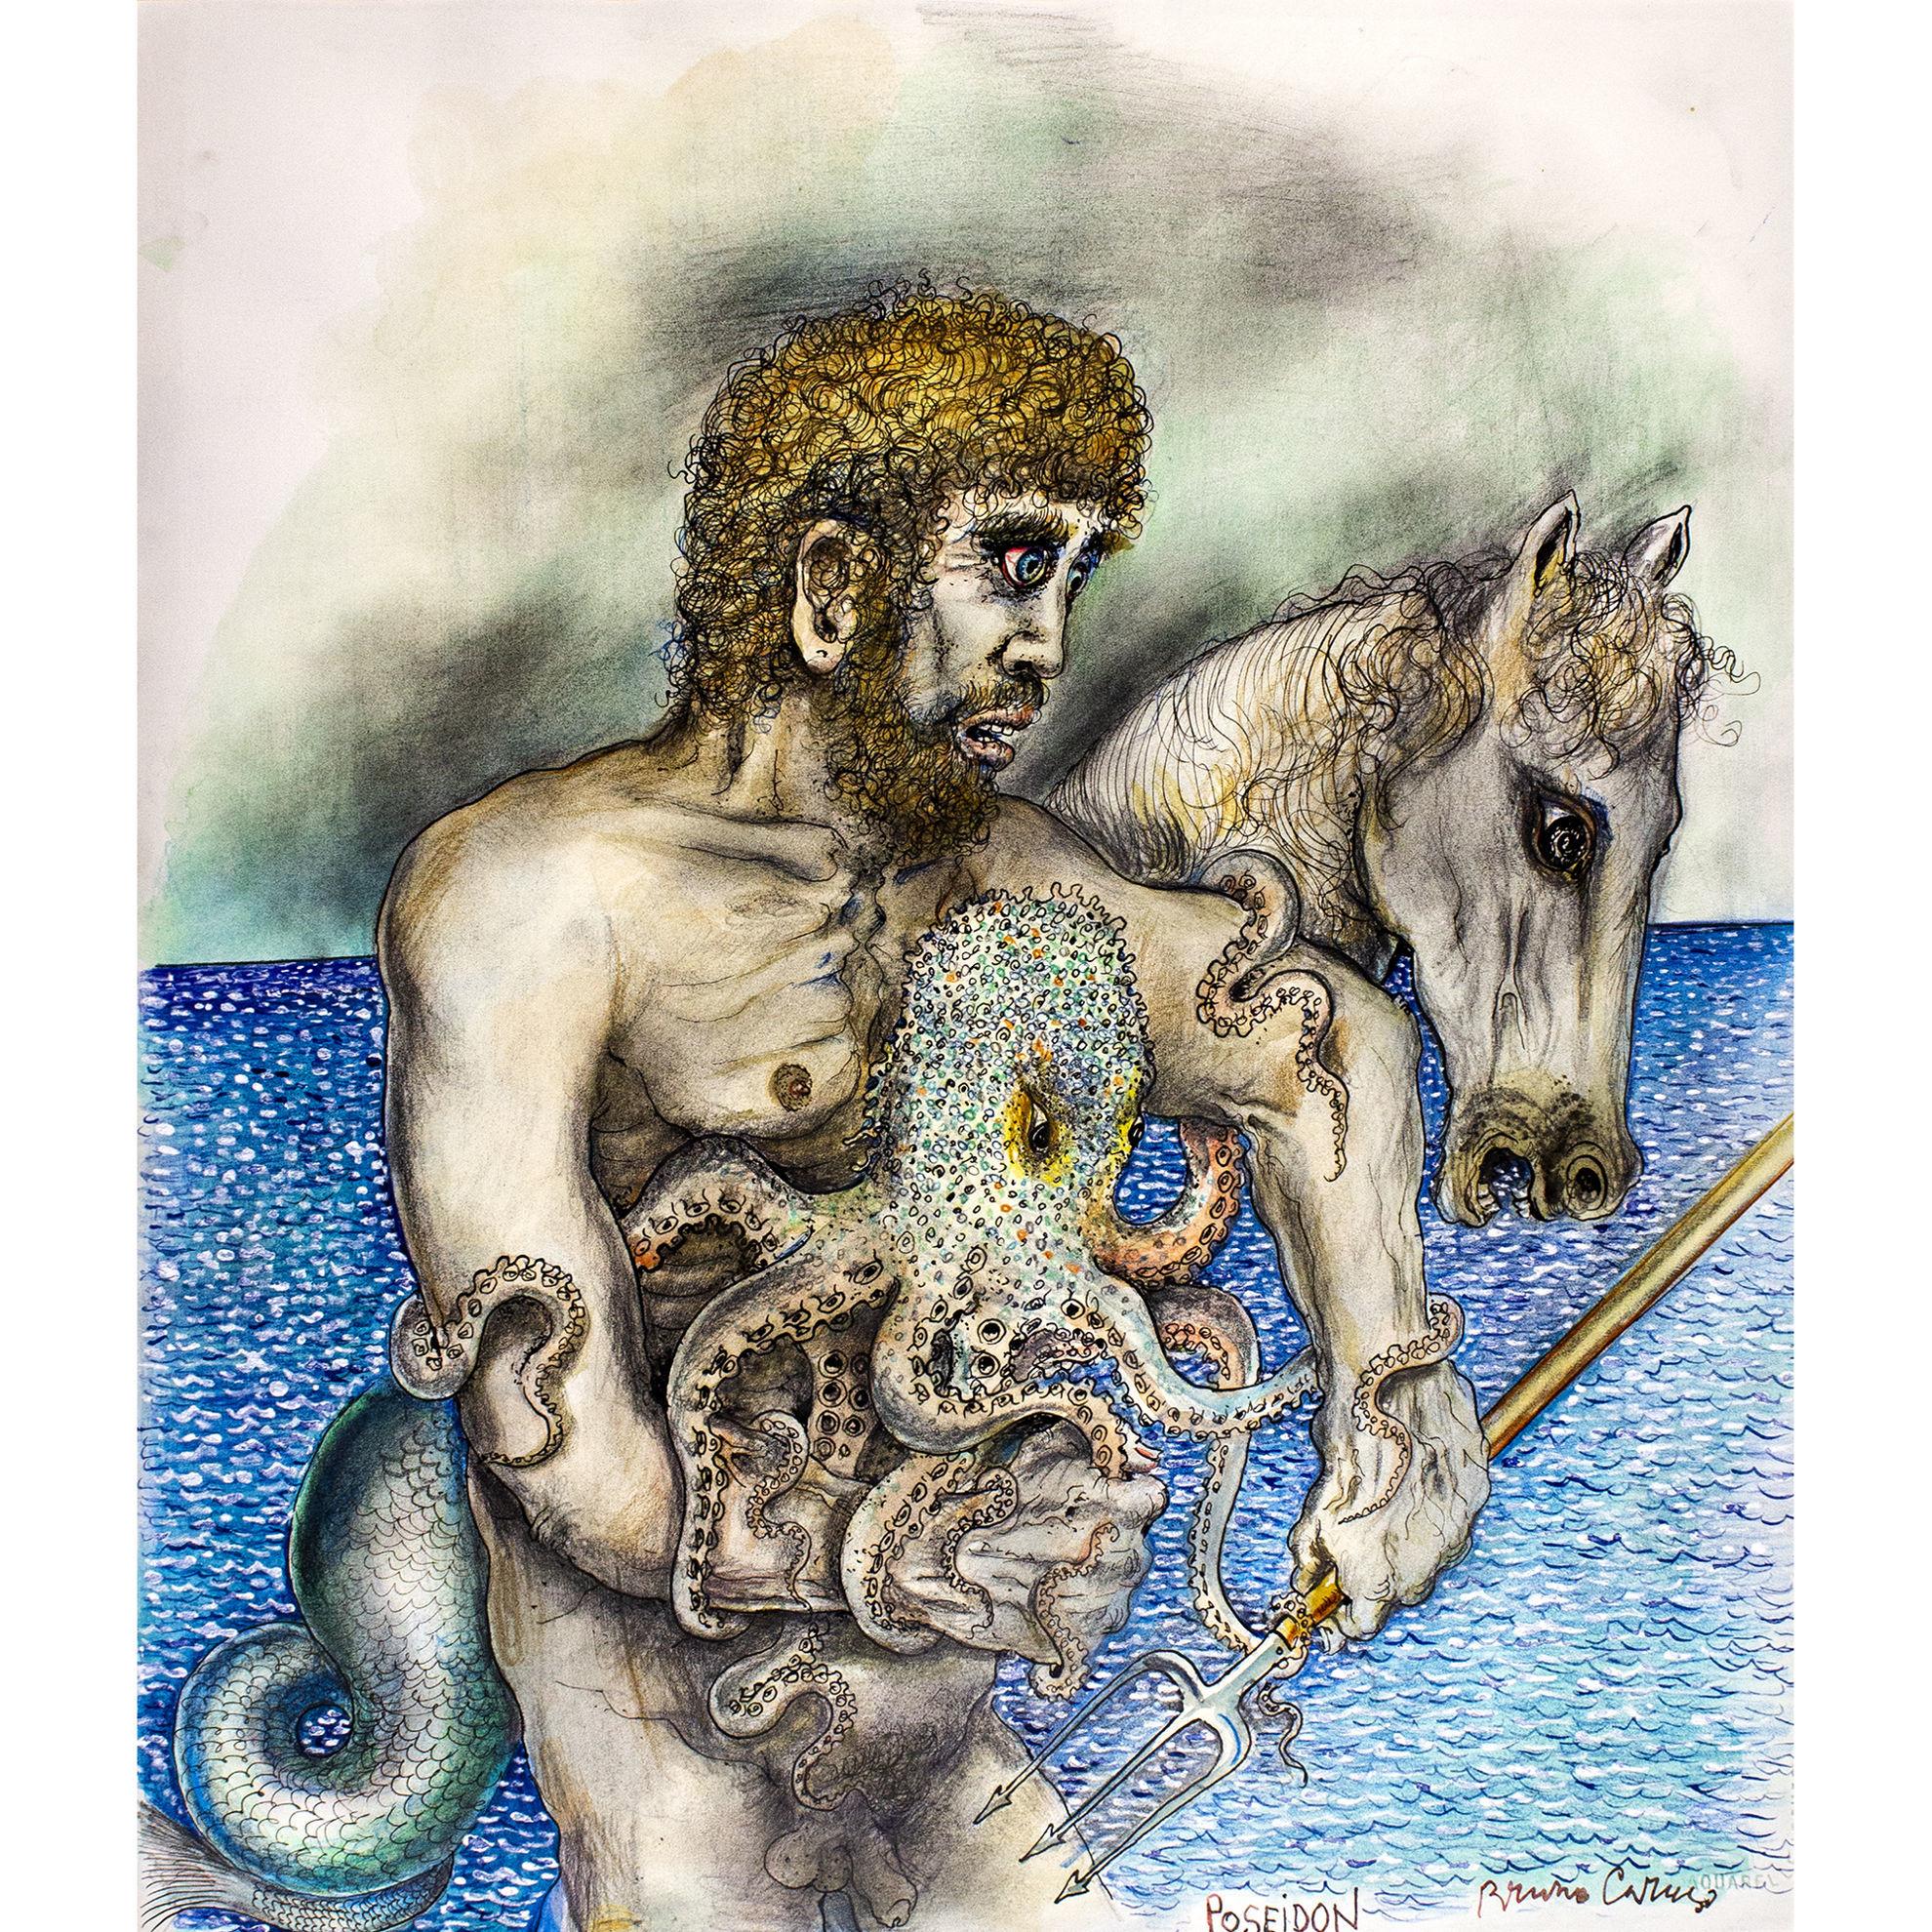 Immagine di Poseidon